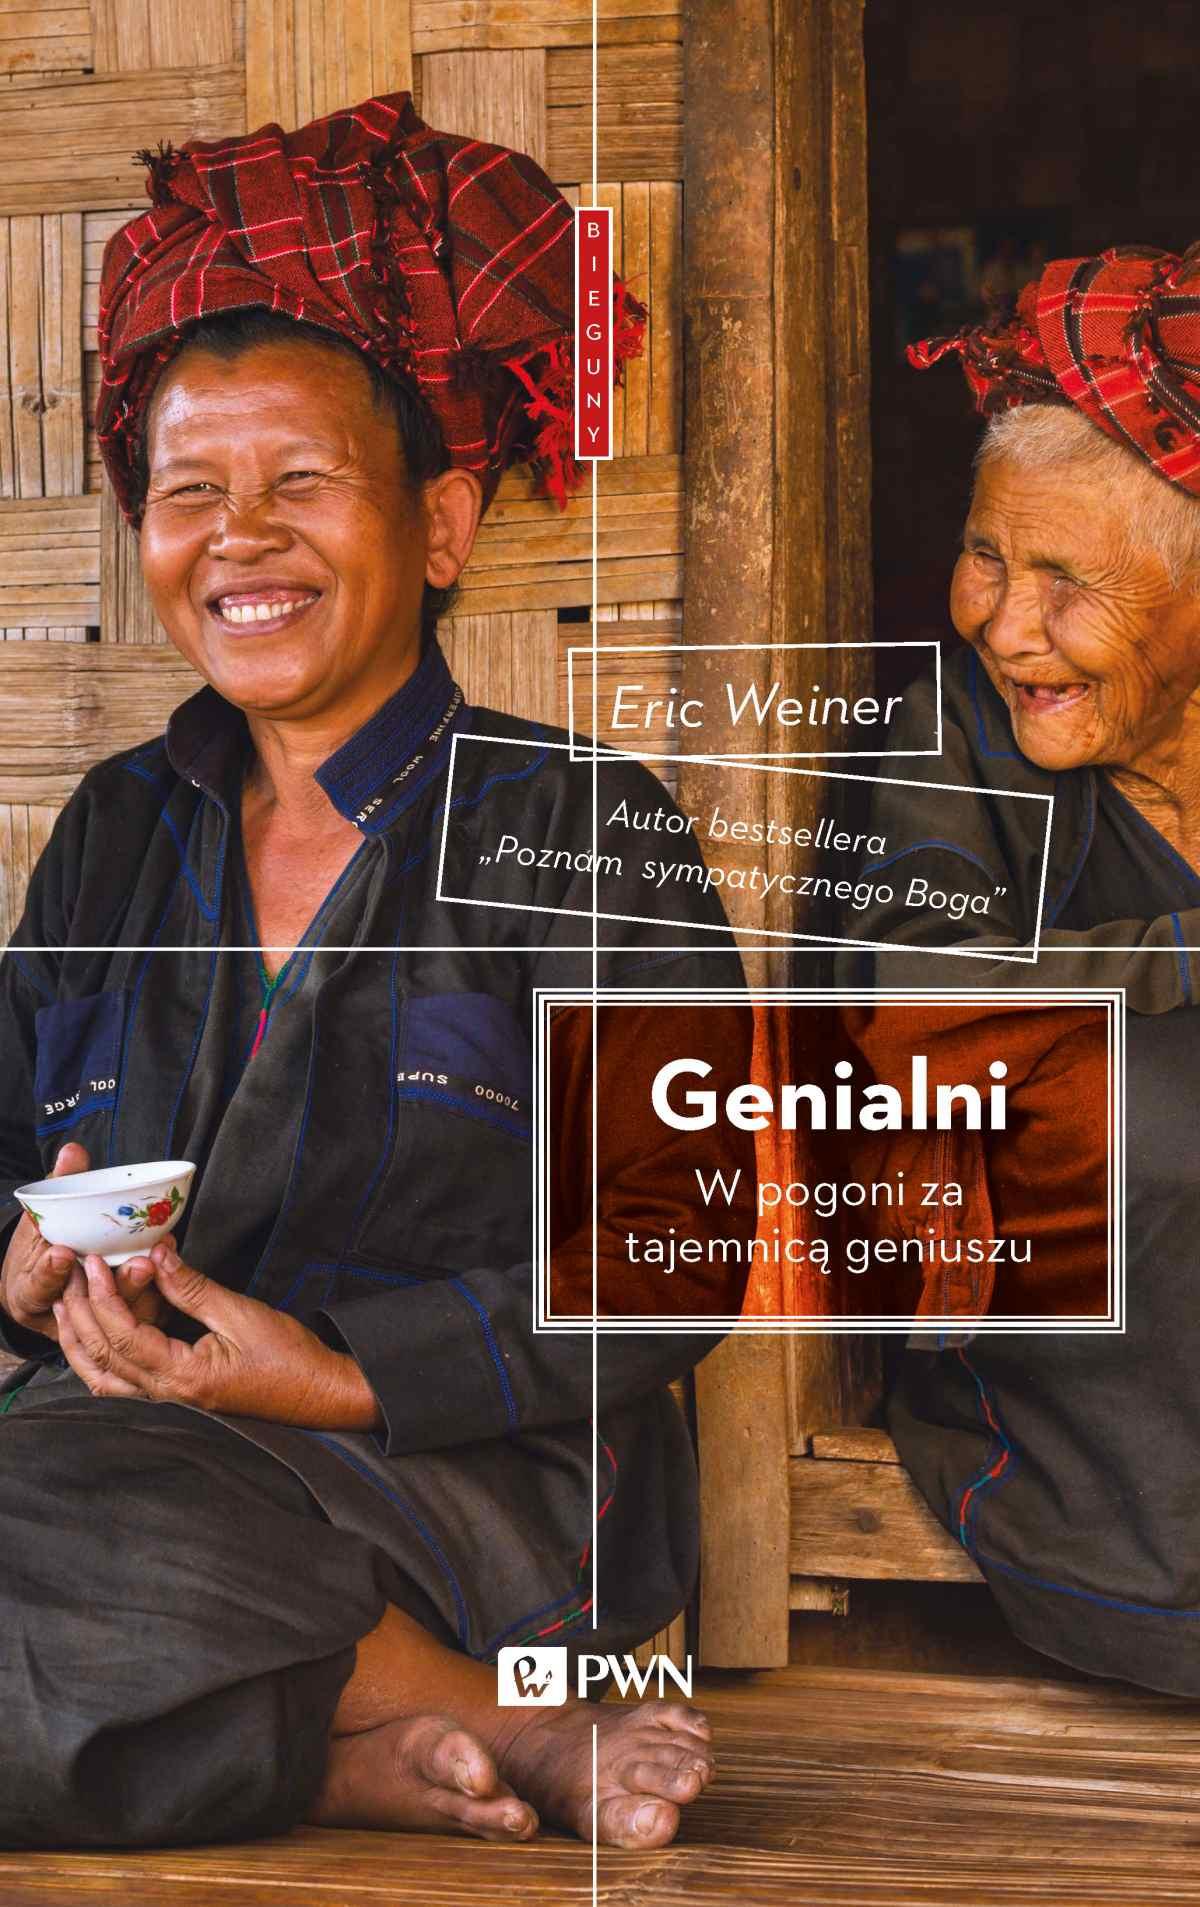 Genialni - Ebook (Książka EPUB) do pobrania w formacie EPUB